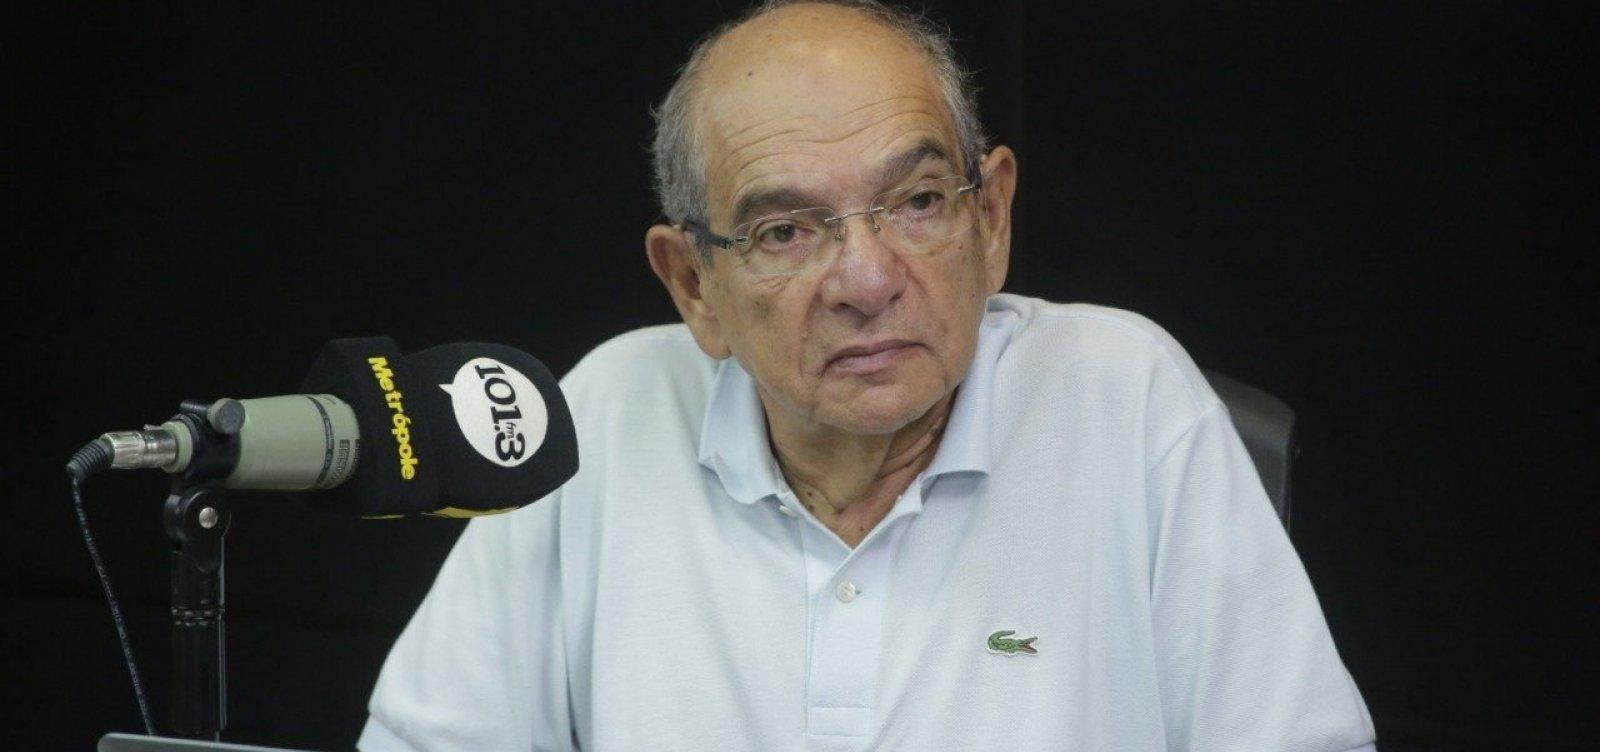 [Governo Bolsonaro está 'partindo para o confronto' após operação da PF, diz MK]